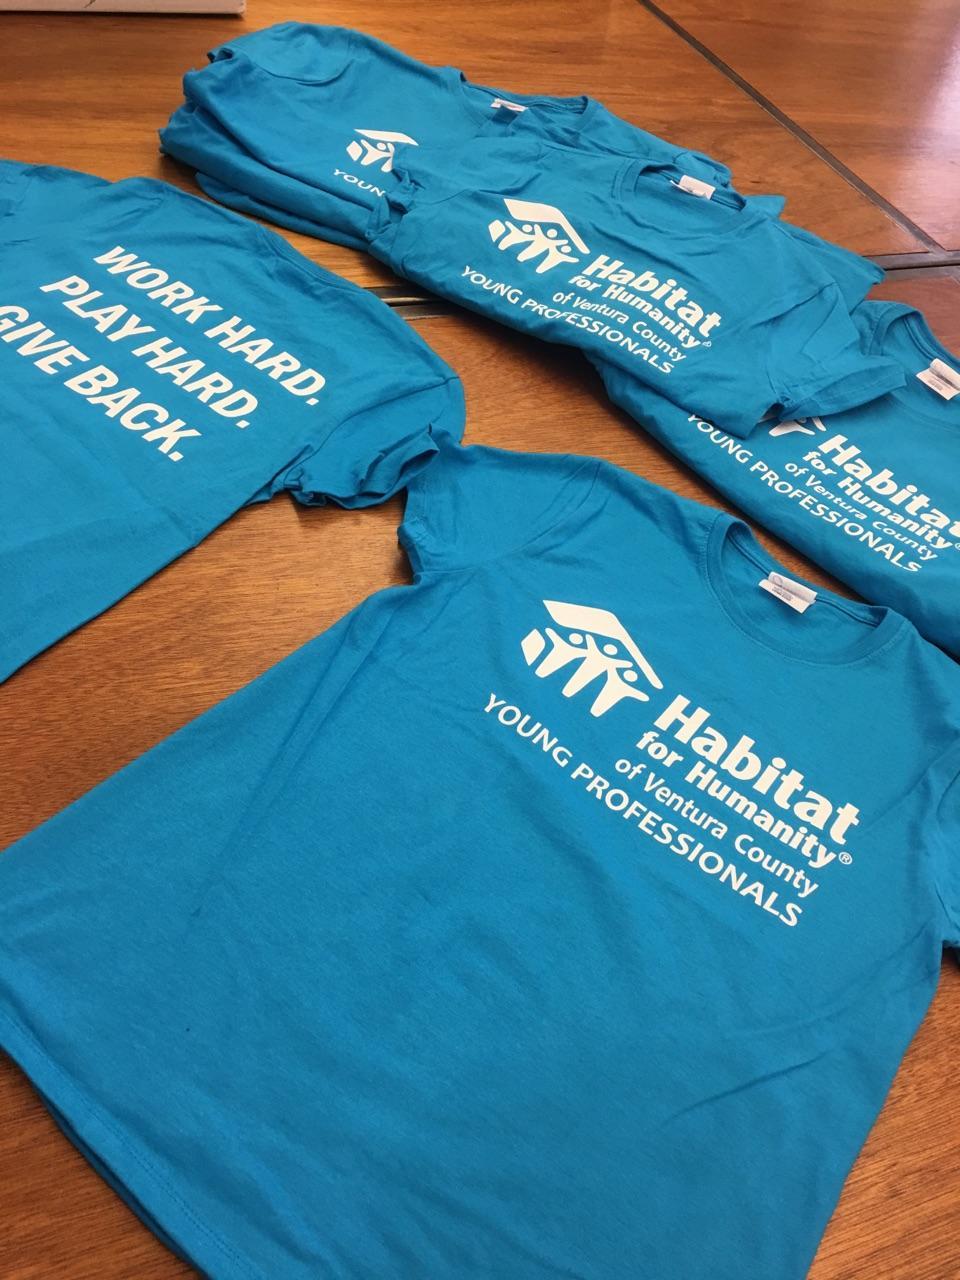 Habitat Young Professionals T-shirt